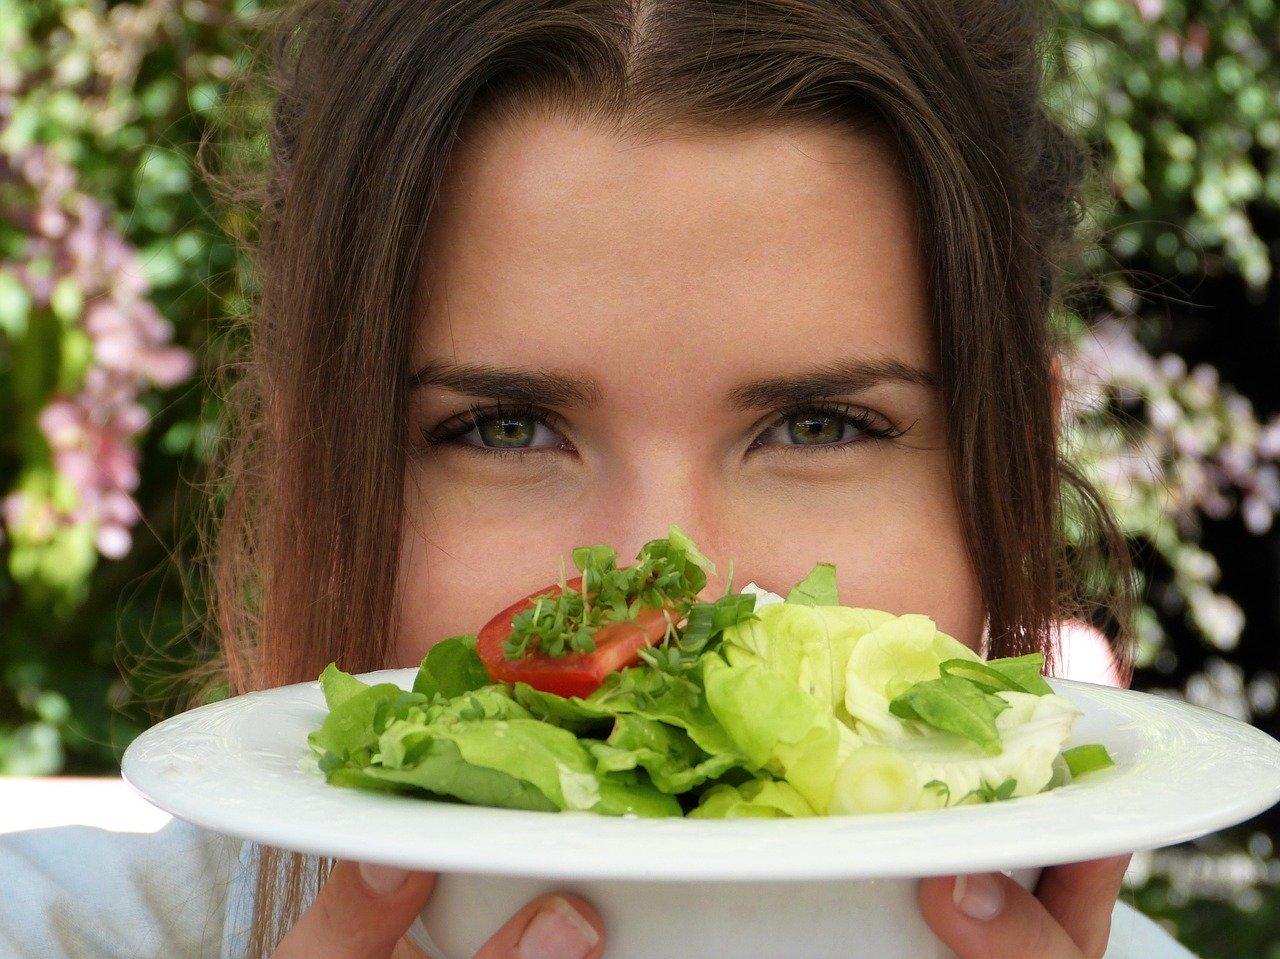 サラダを見つける女性